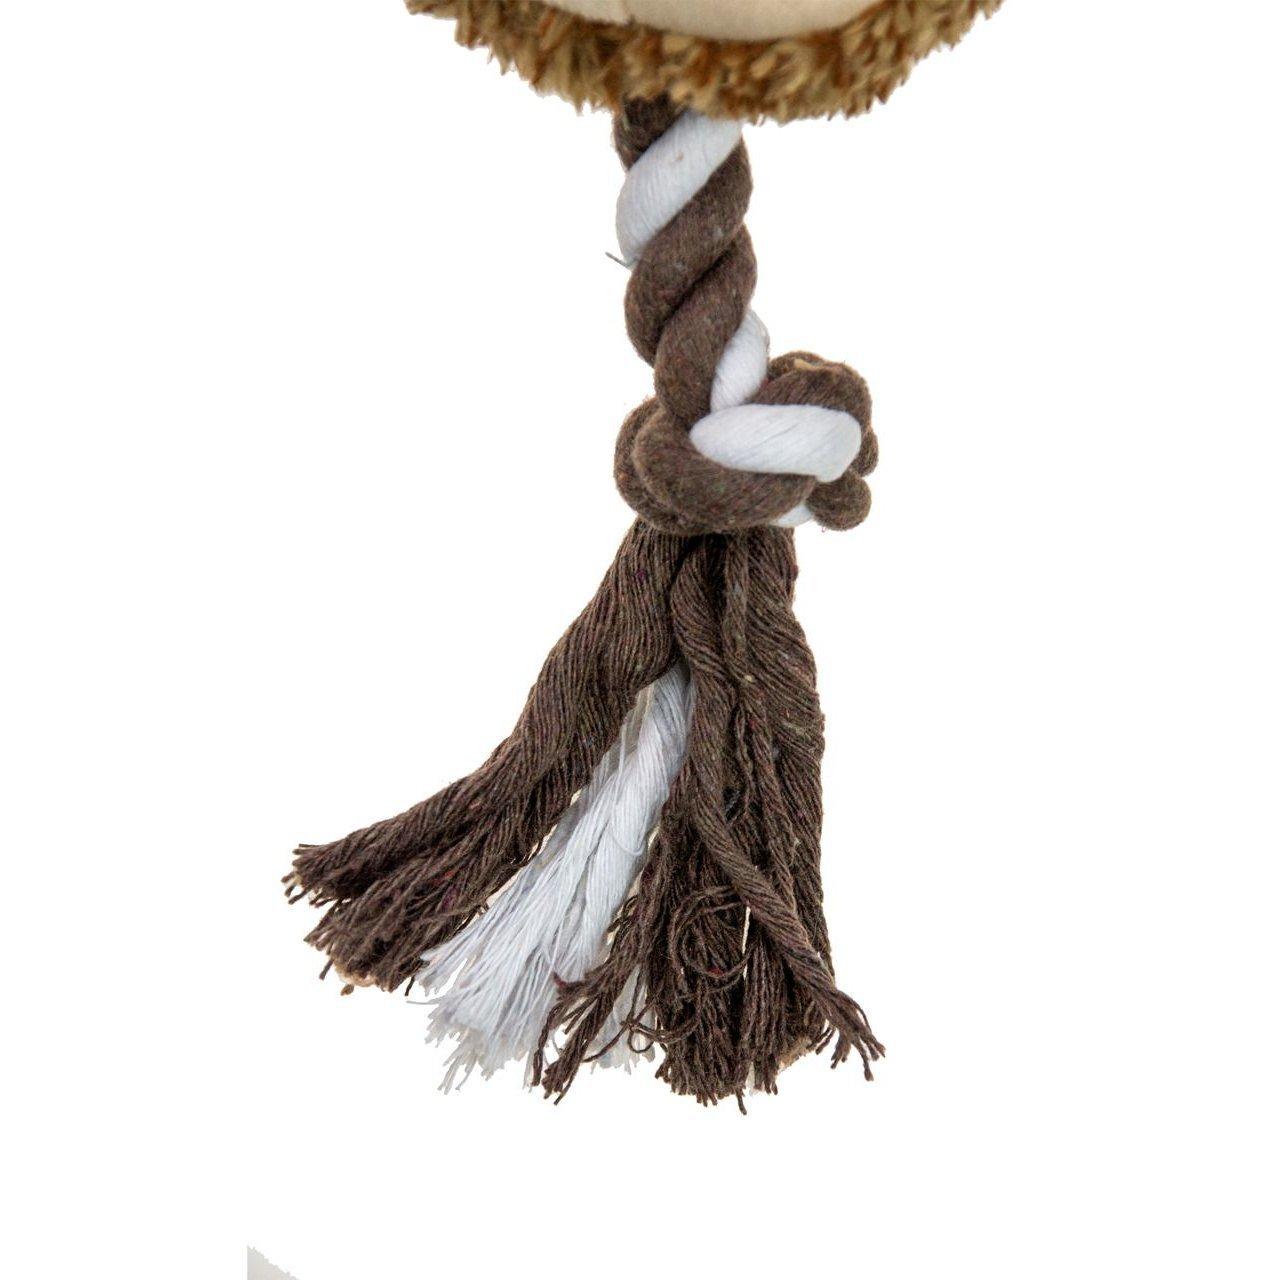 Karlie Plüschspielzeug mit Seil, Bild 3